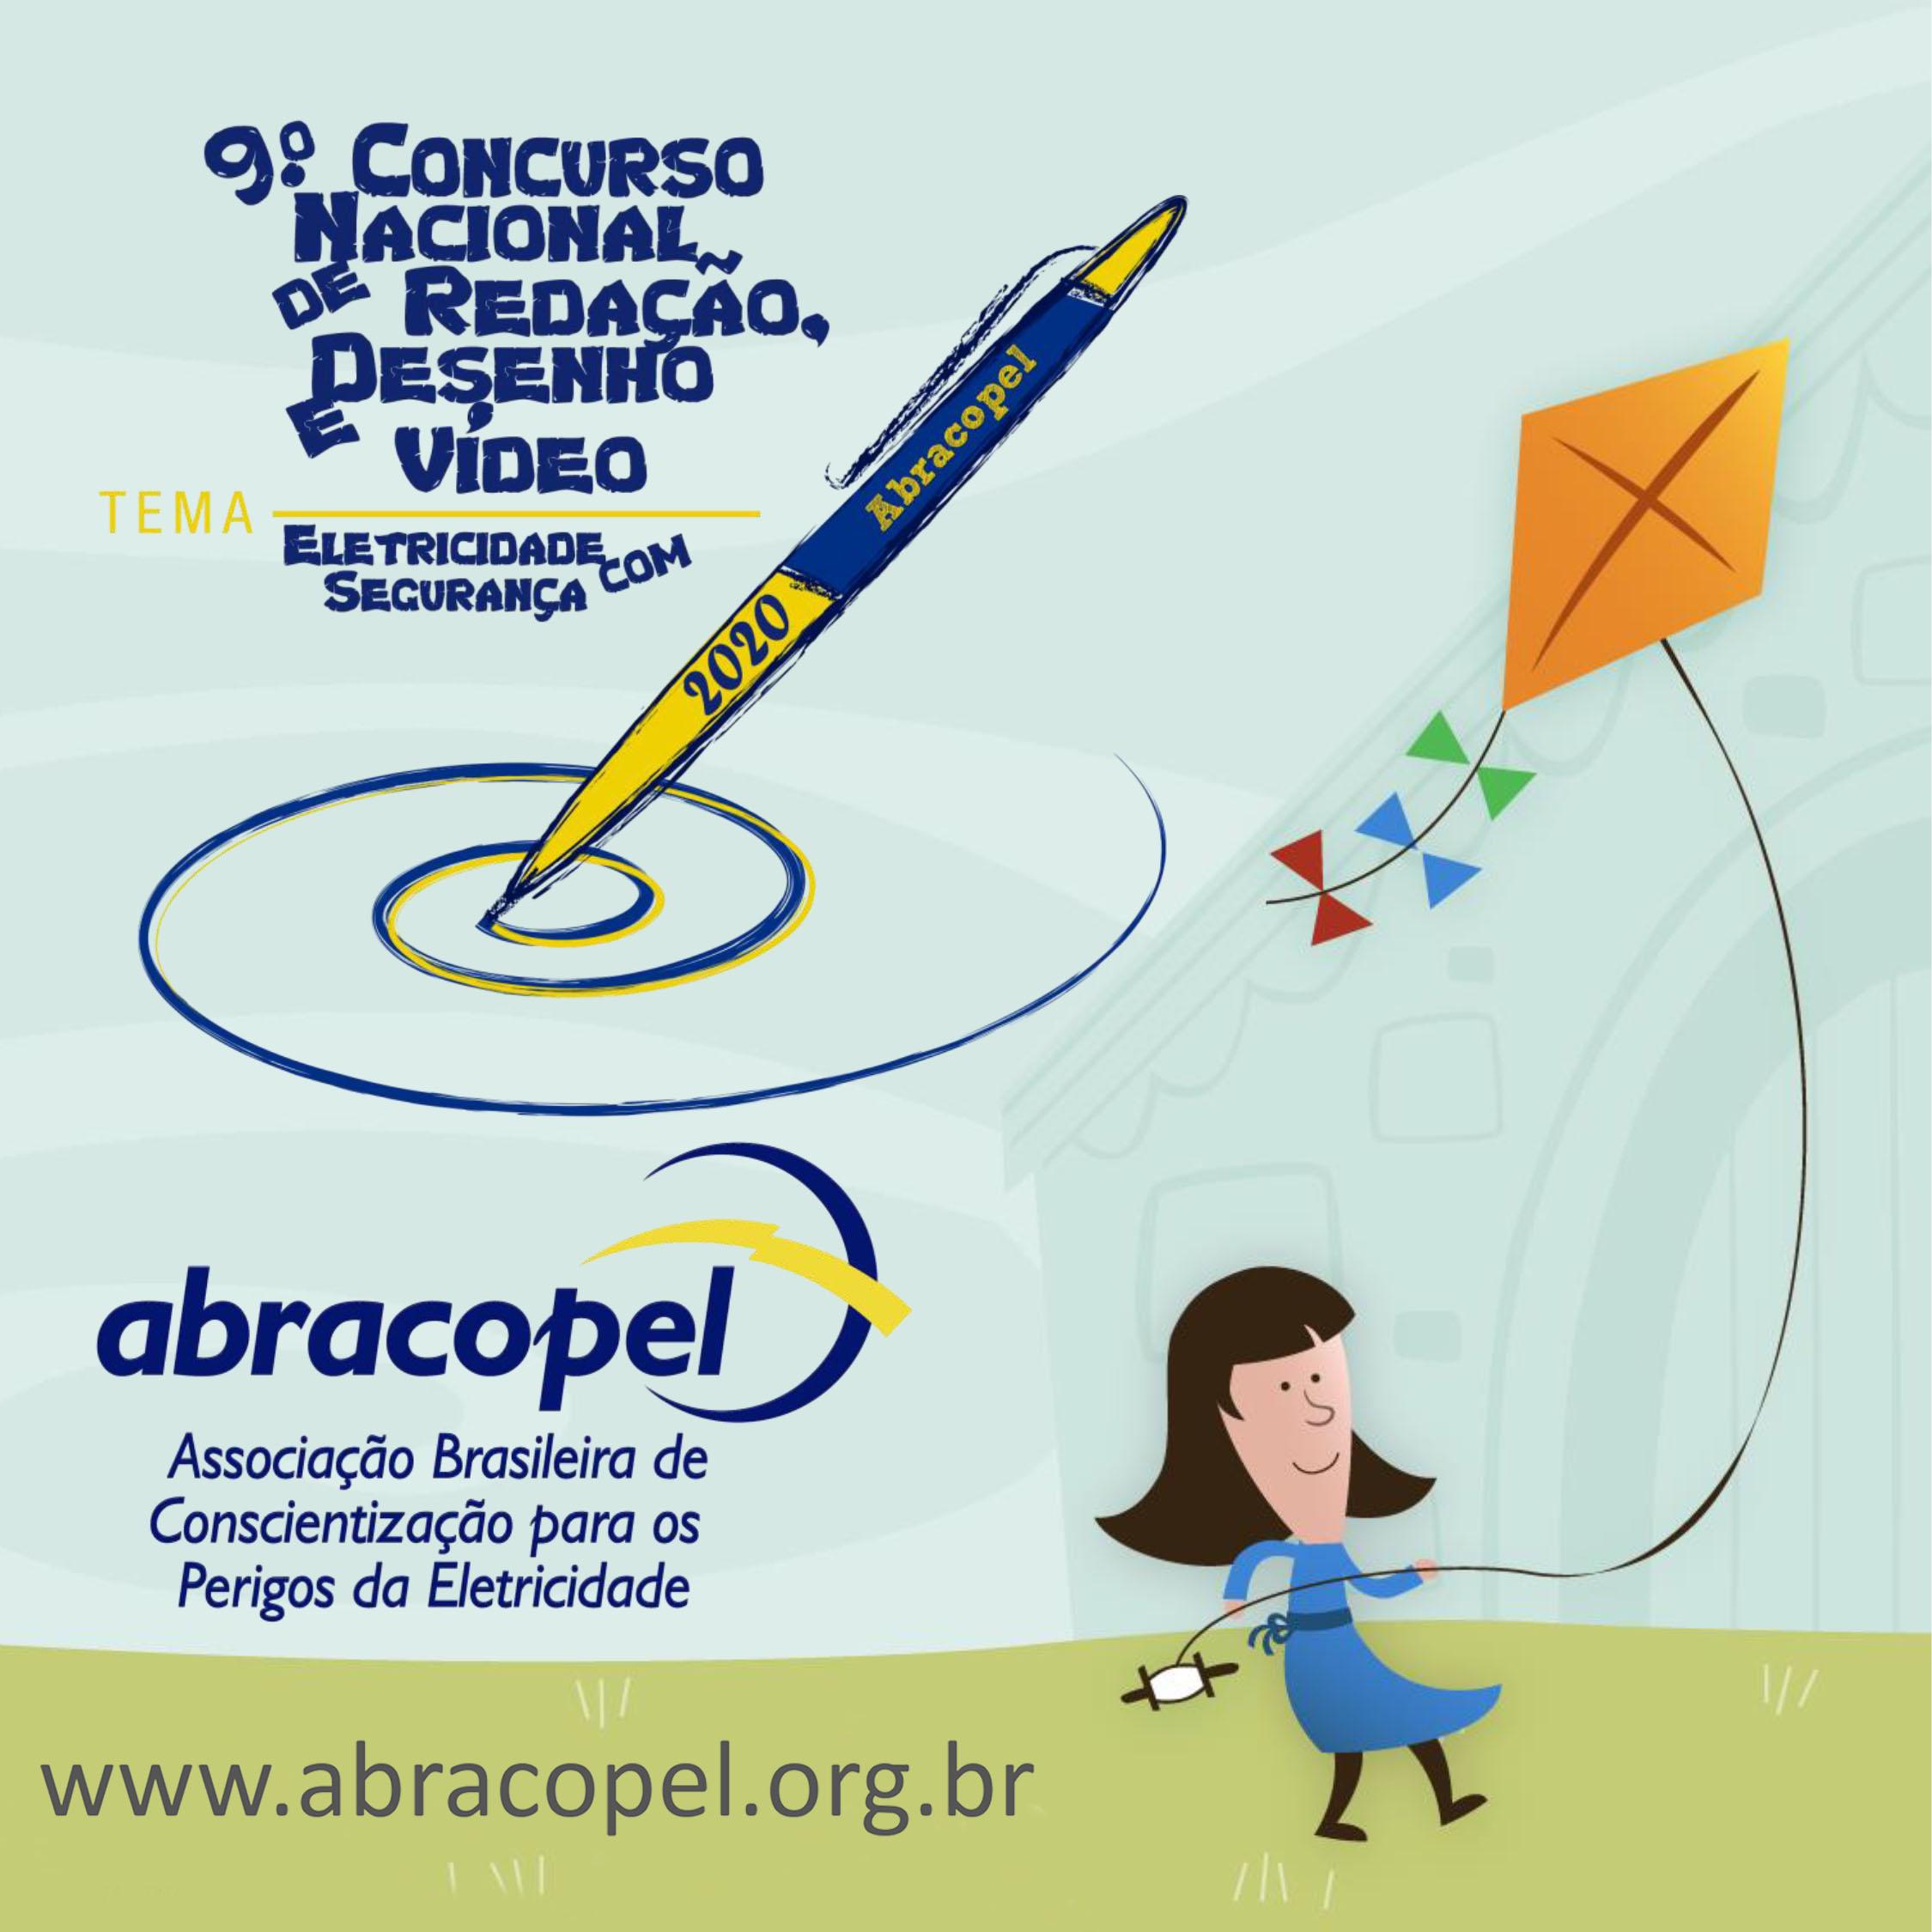 Eletricidade com segurança é tema de concurso de redação, desenho e vídeo da Abracopel